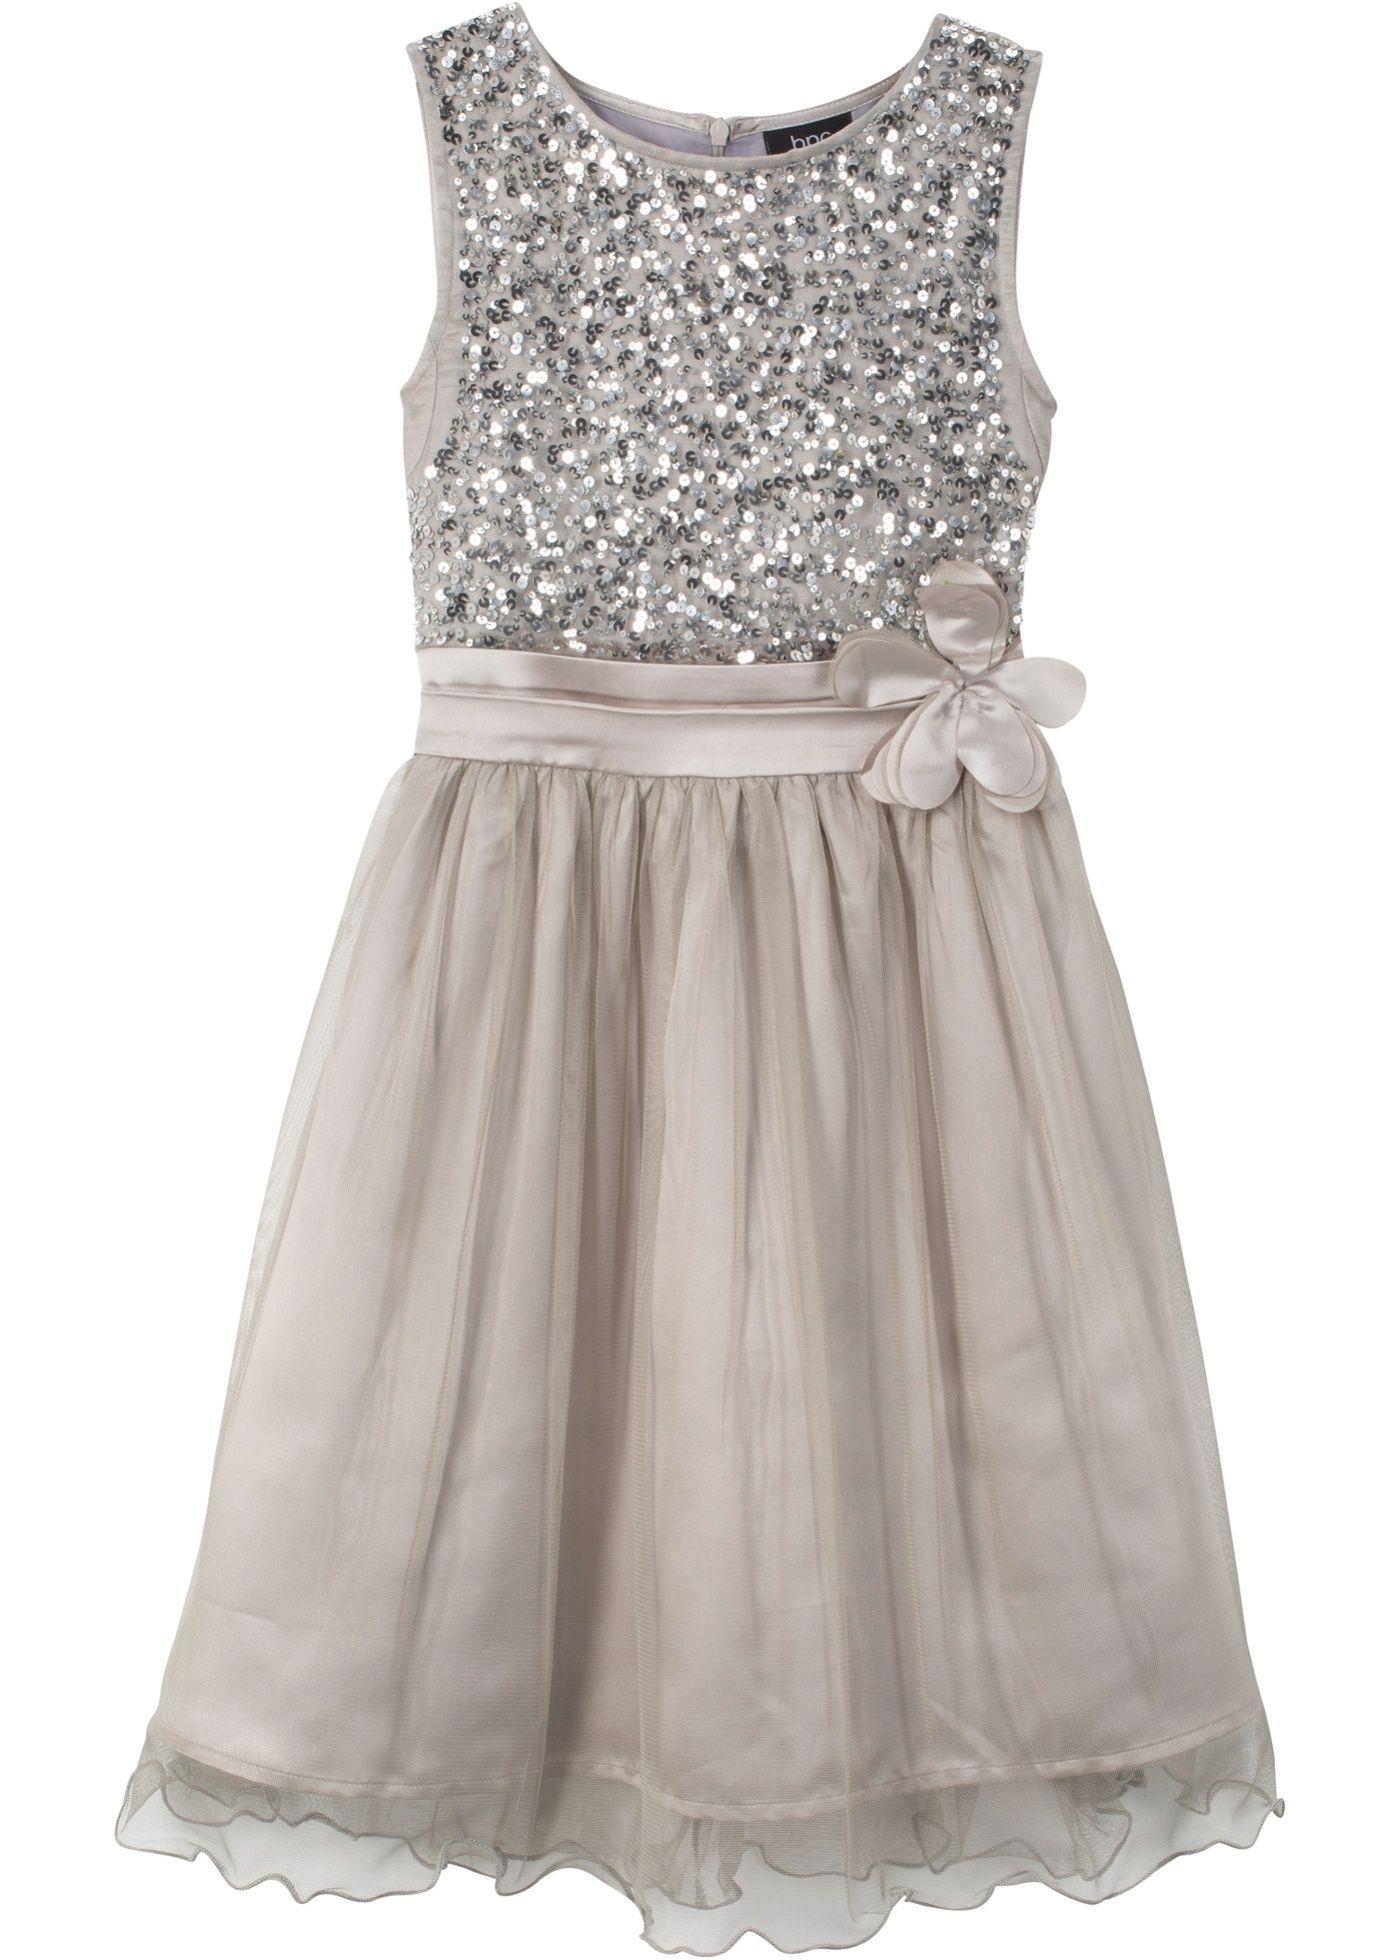 Festliches Madchen Kleid Silberfarben Bpc Bonprix Collection Online Bestellen In 2020 Festliches Kleid Madchenkleid Blumen Madchen Kleider